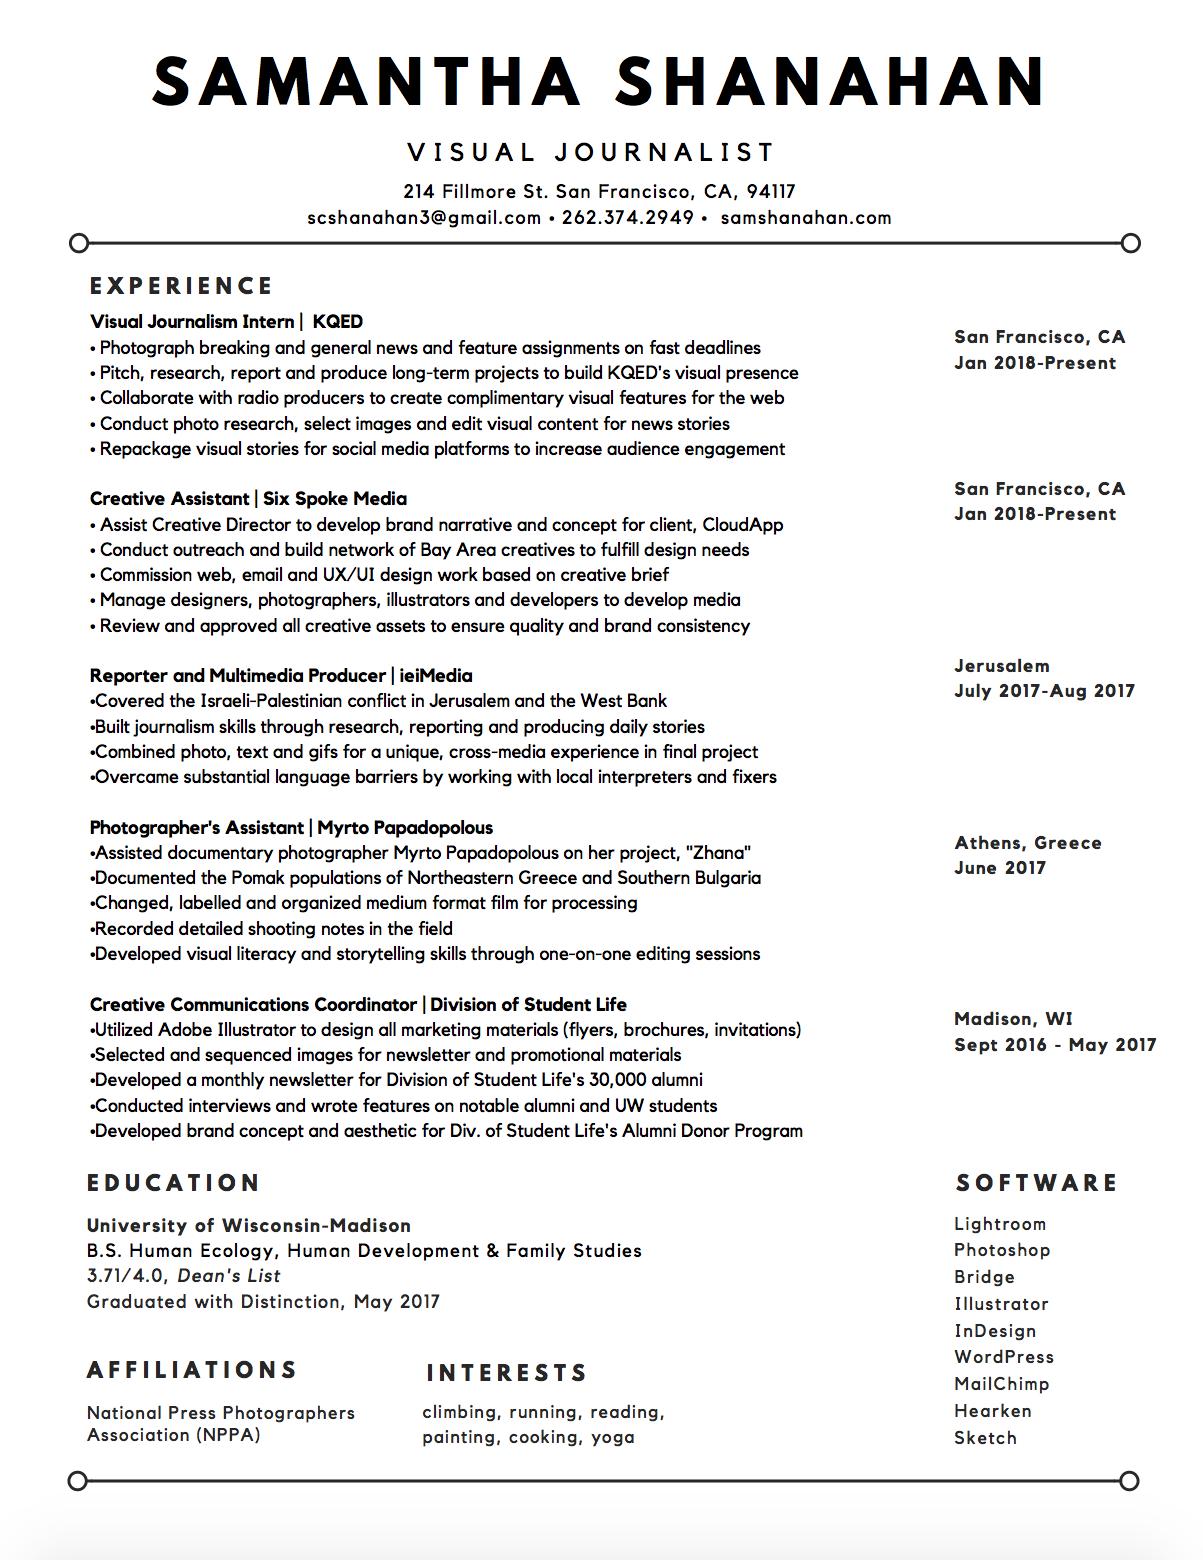 SShanahan_Resume